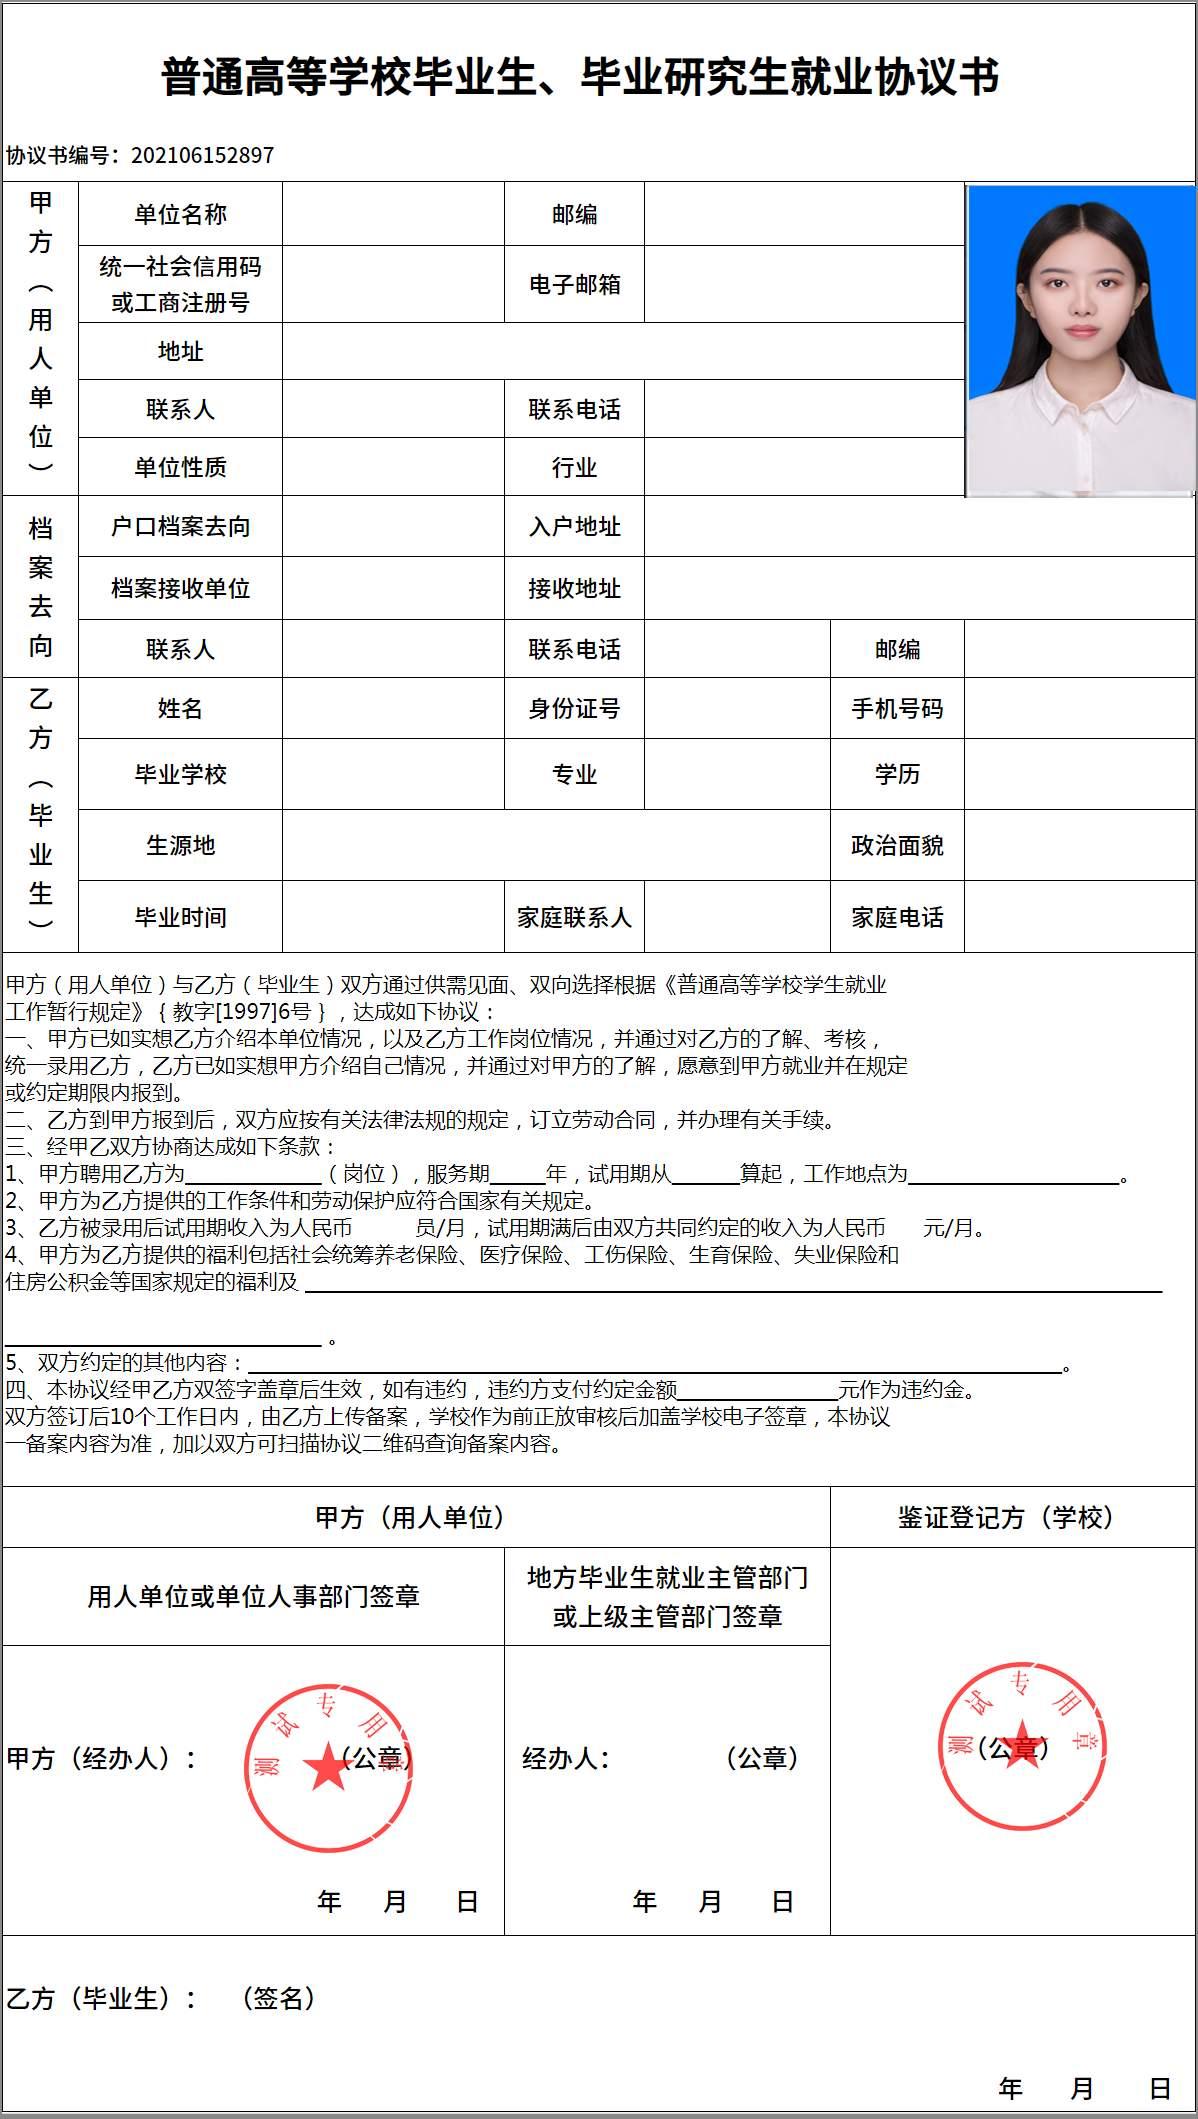 3电子就业协议样式.png